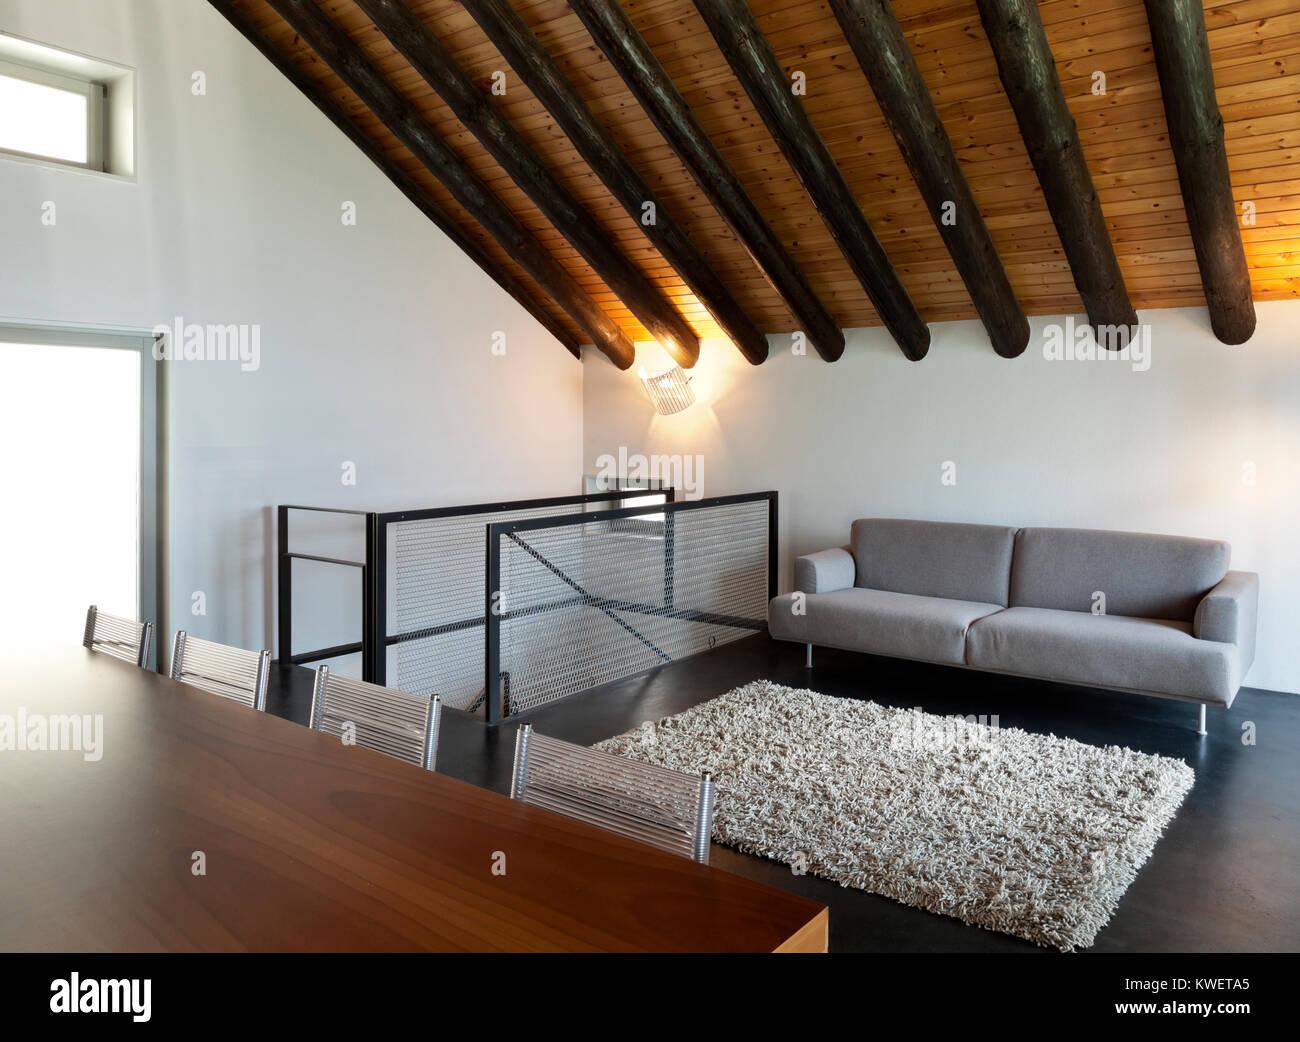 Case Di Montagna Arredamento : Bella casa di montagna con arredi moderni foto immagine stock